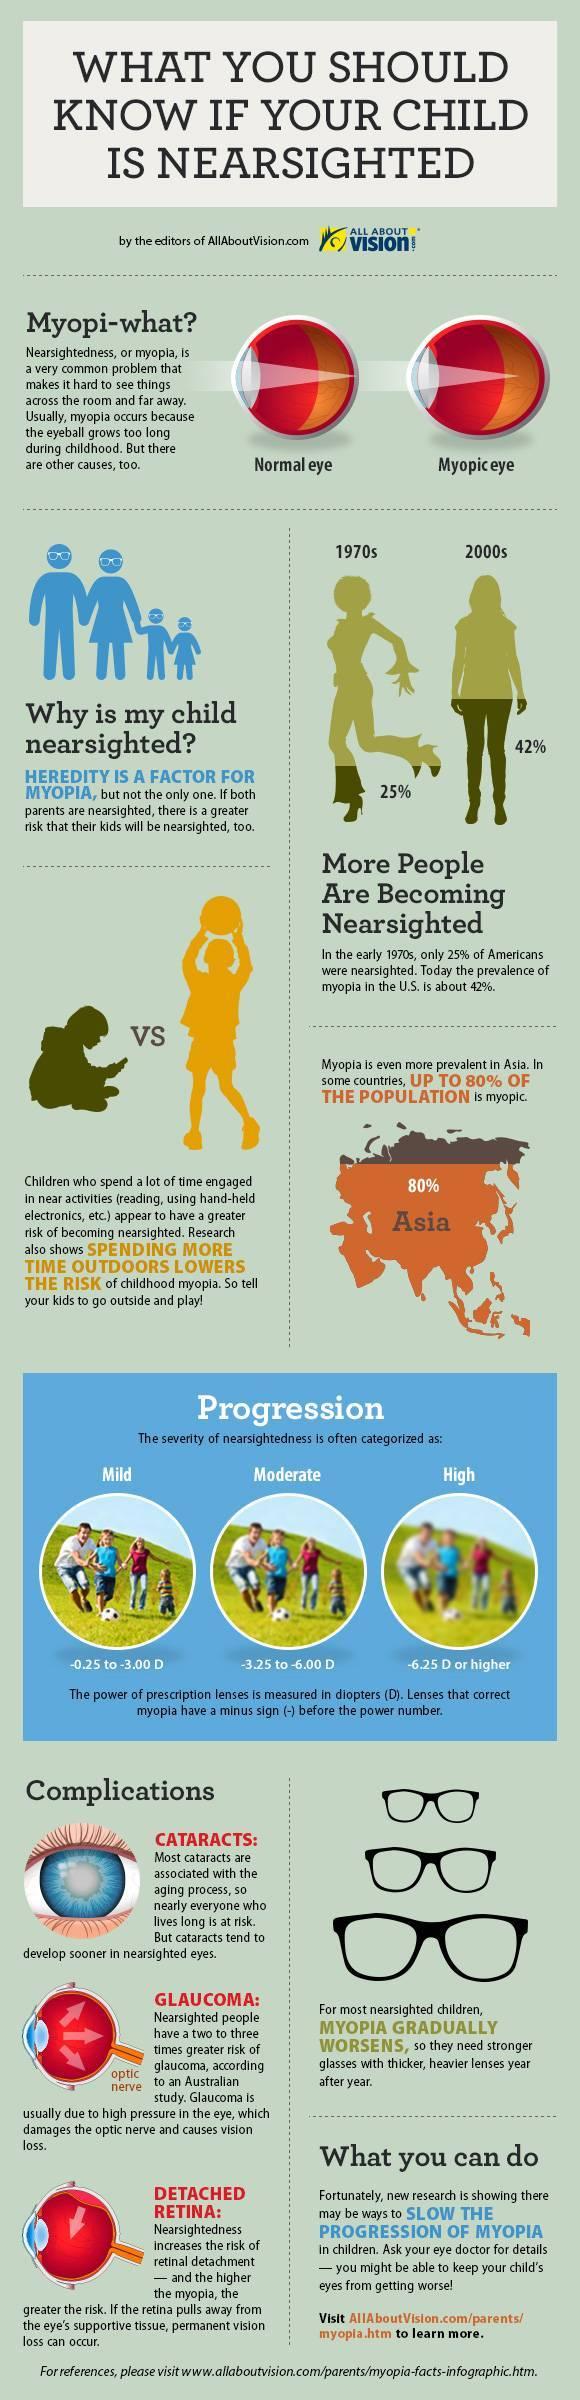 myopia facts infographic 580x2400